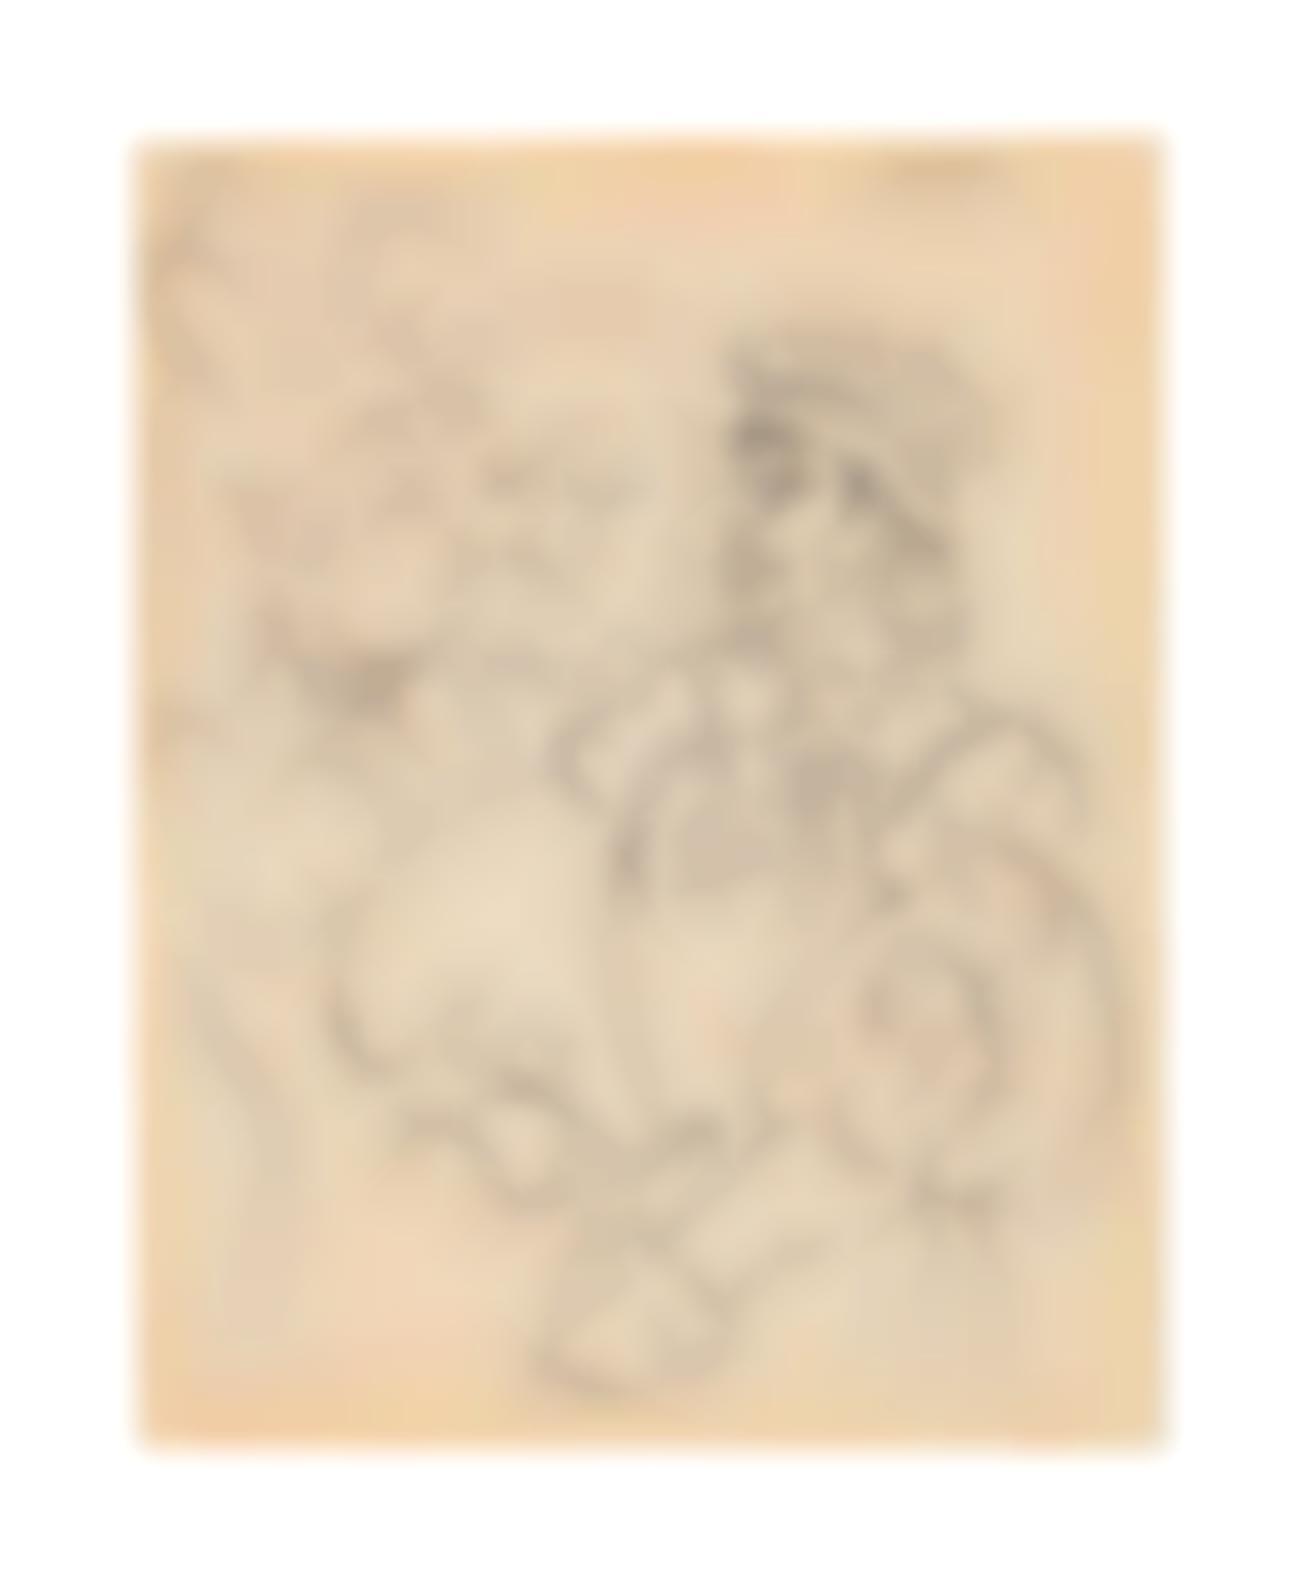 Pablo Picasso-Trois Personnages-1954